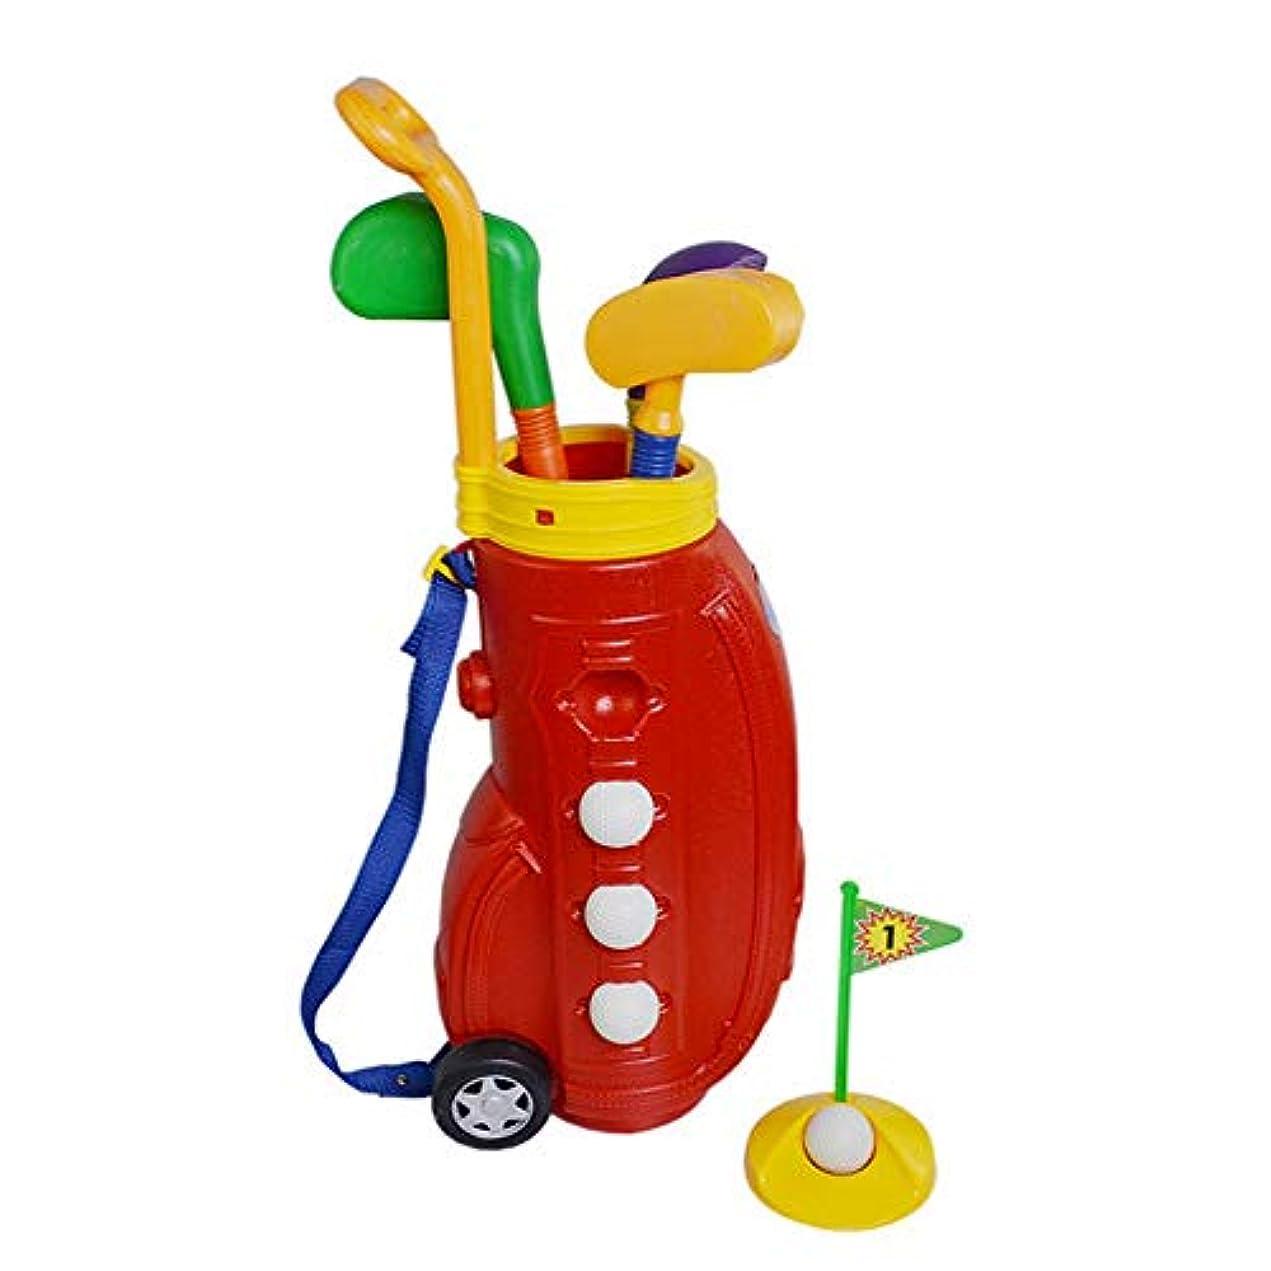 糞一般化する列挙するゴルフ子供用おもちゃセット キッズゴルフクラブセット、ゴルフおもちゃでゴルフカートの早期教育アウトドアエクササイズ玩具 ゲーム レジャー ファミリースポーツ (Color : Red, Size : Free size)